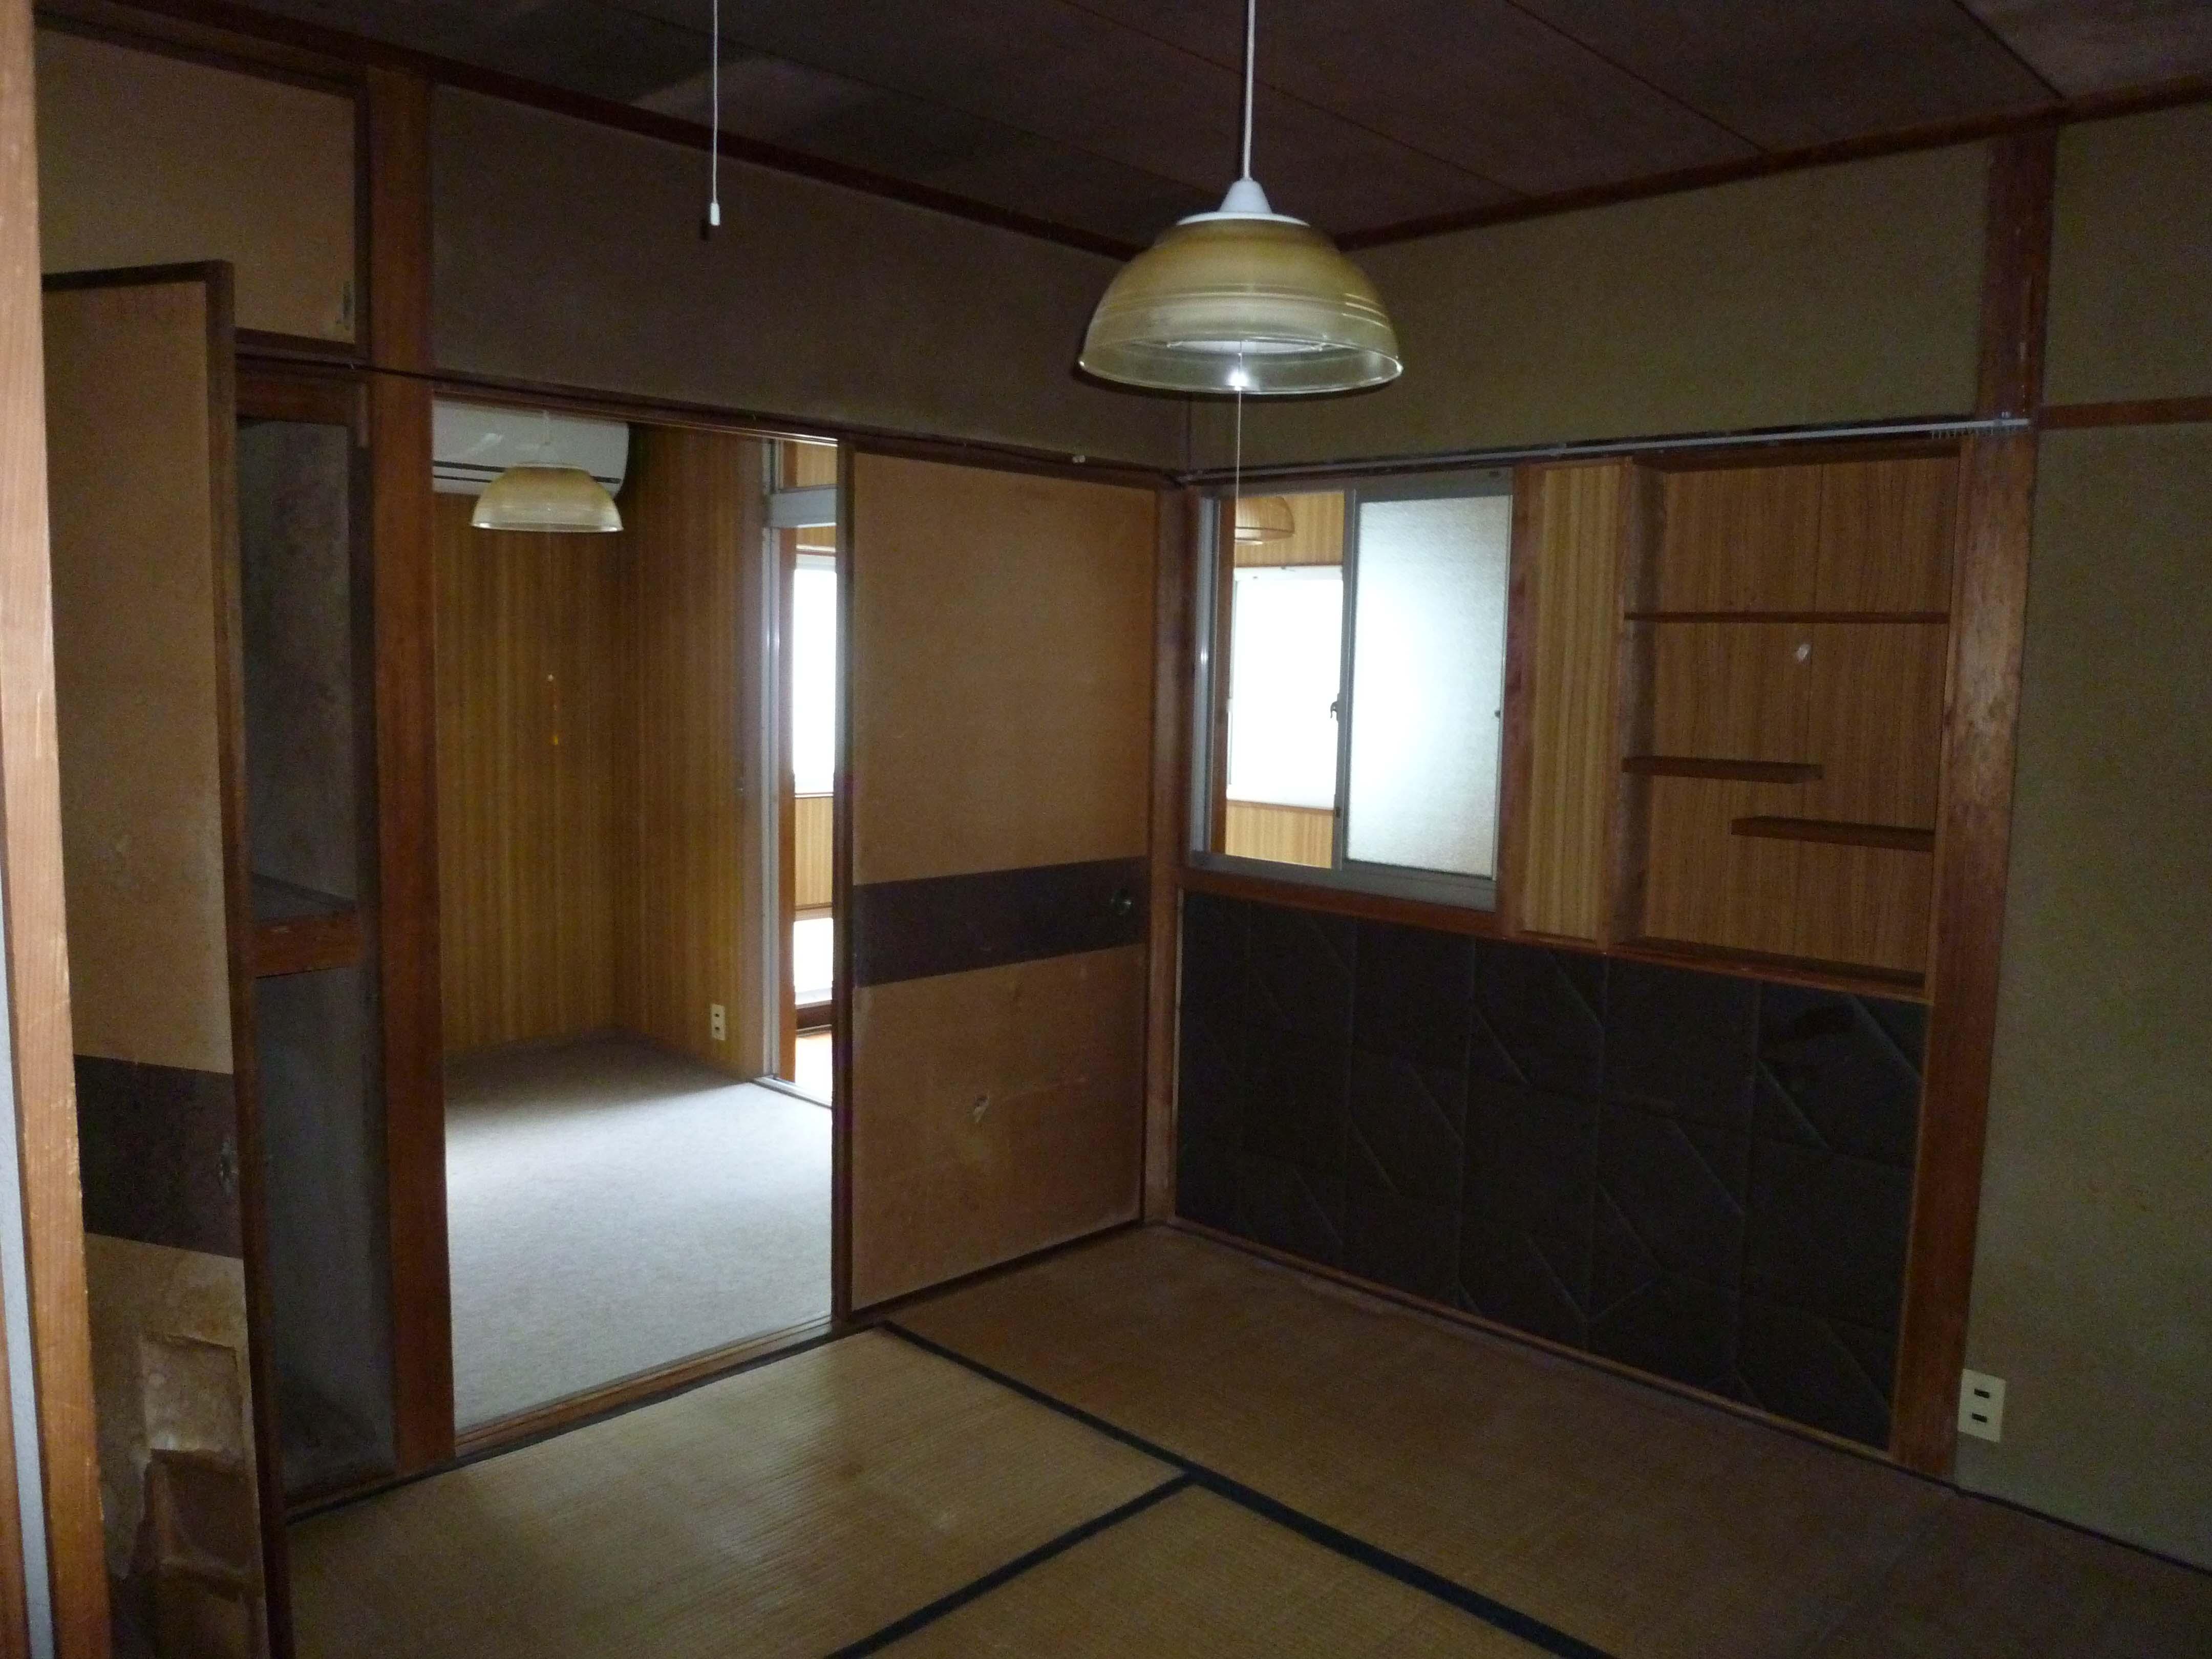 【西脇市リフォーム】中古住宅全面リフォーム施工前